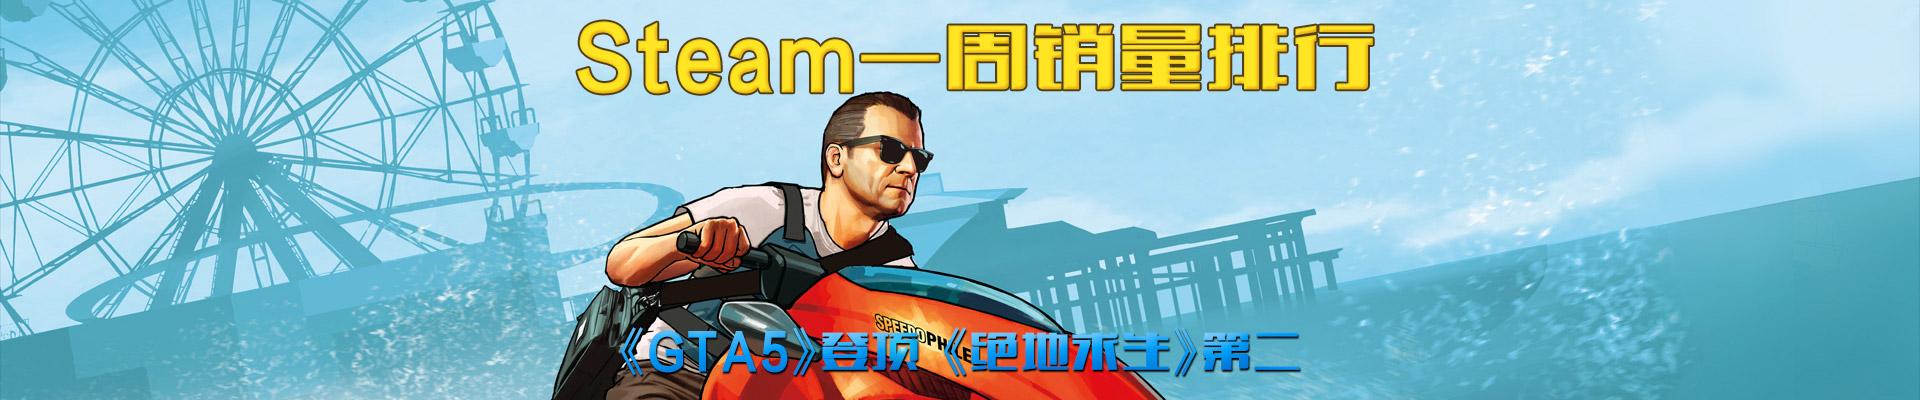 Steam周销量排行榜:《GTA5》登顶 《绝地求生》第二